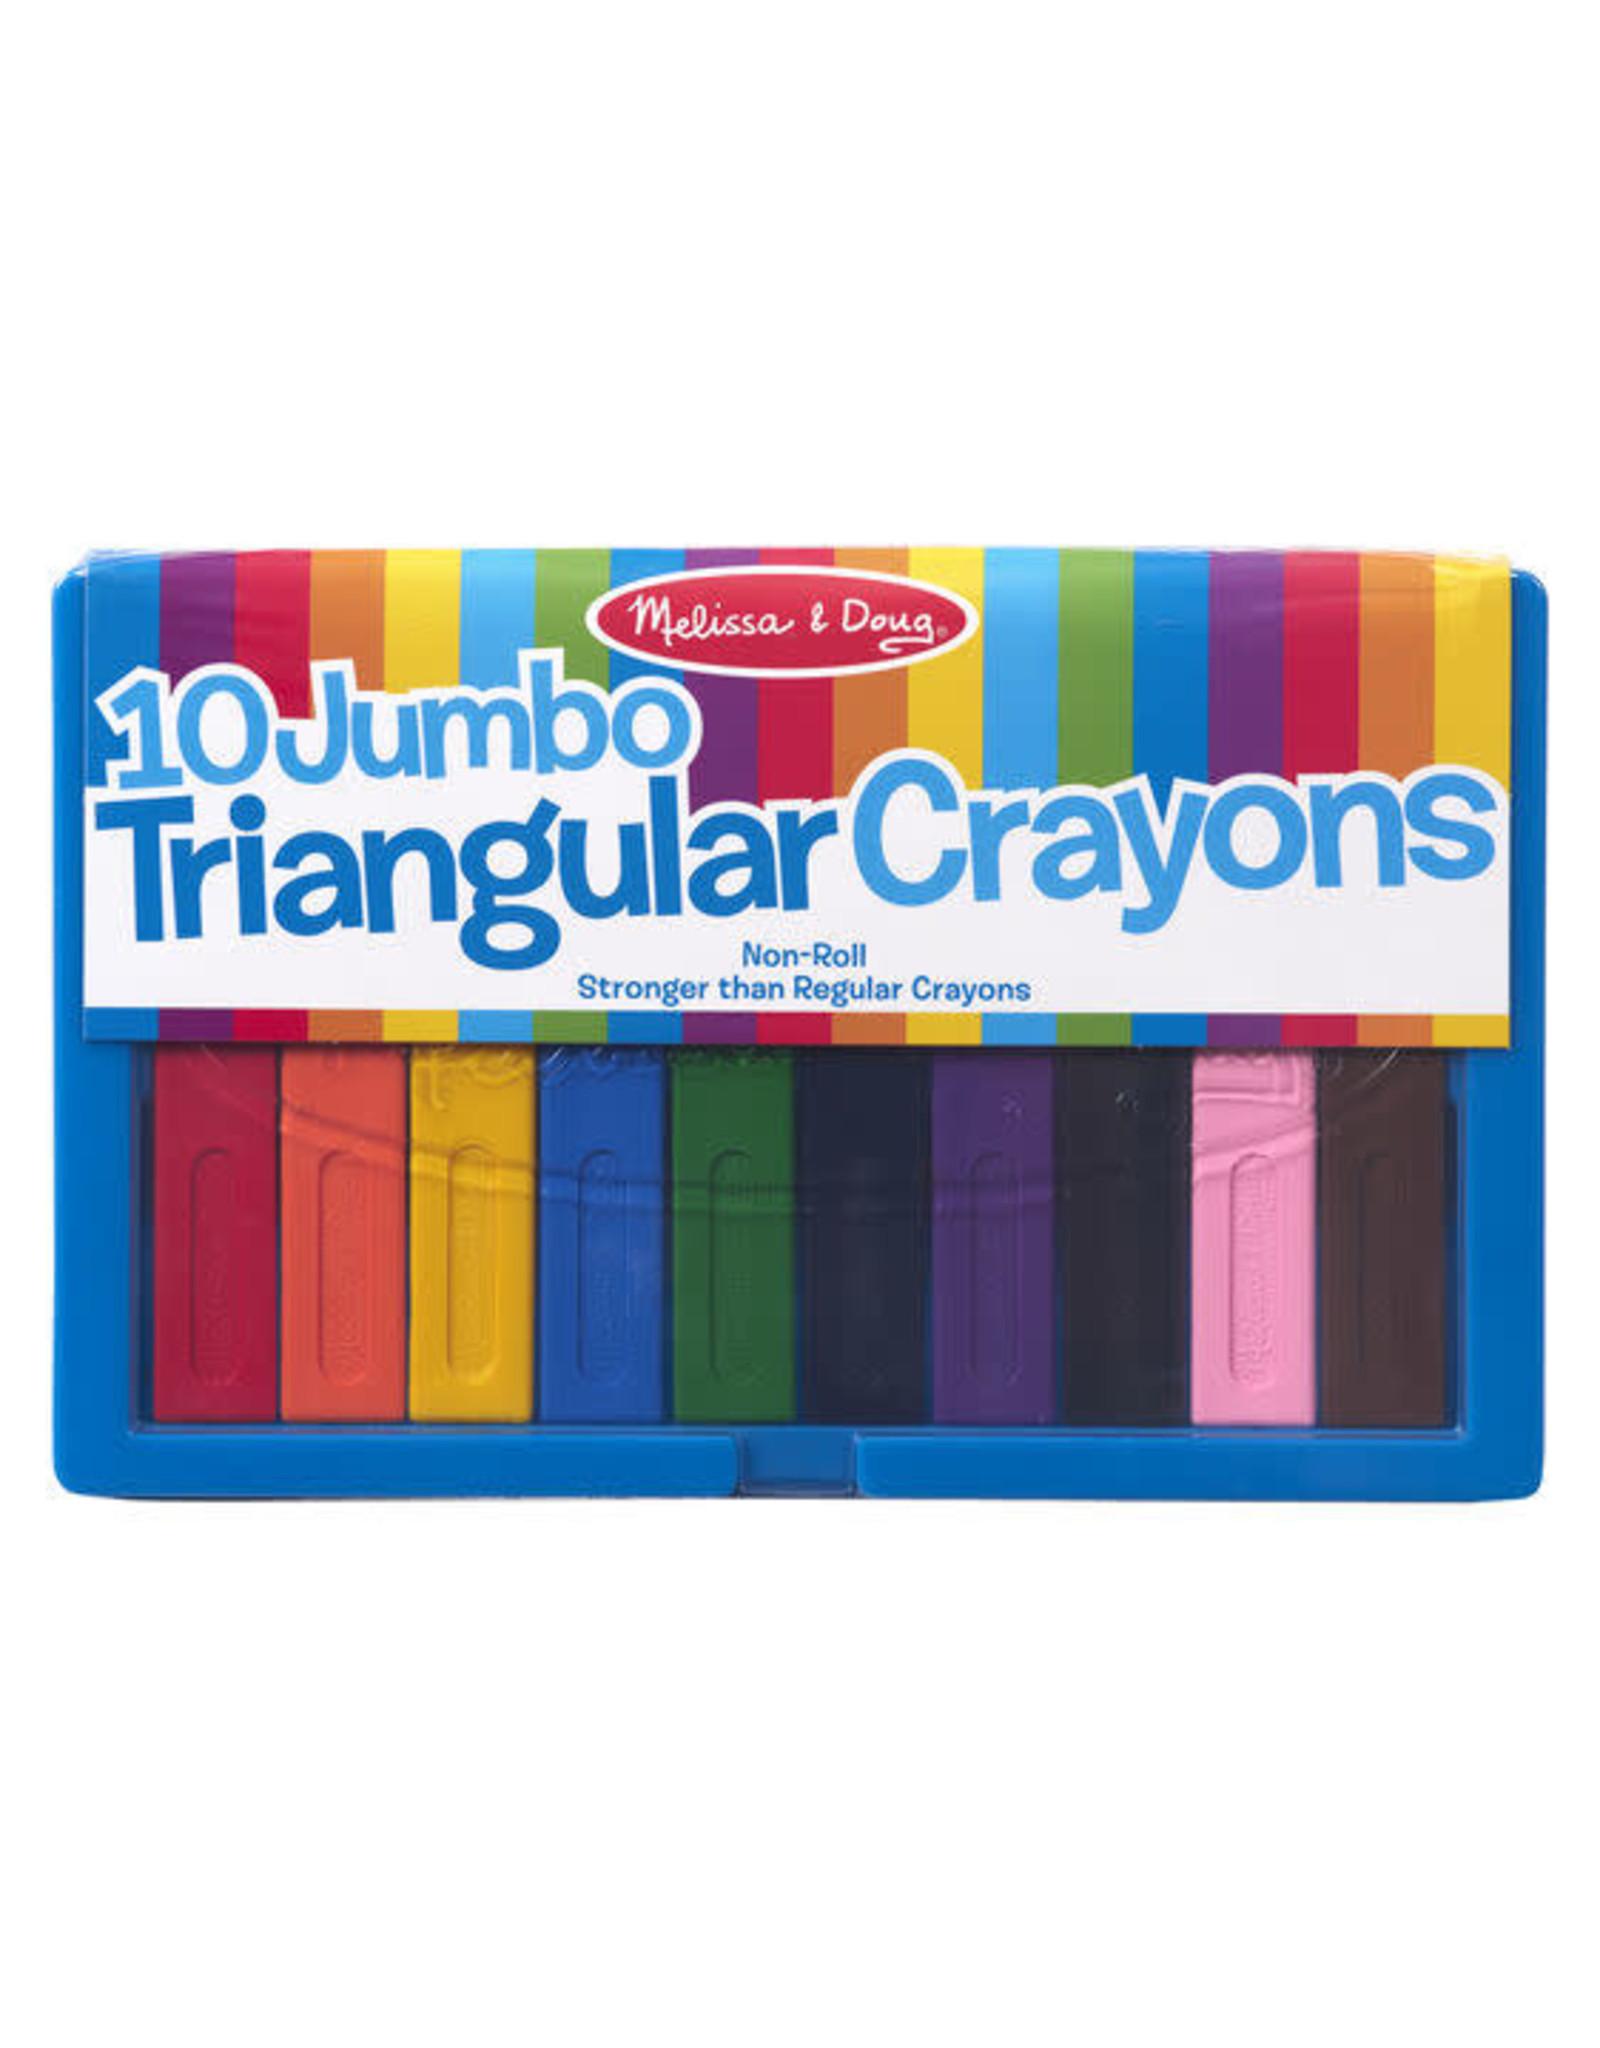 Melissa & Doug Melissa & Doug: Jumbo Triangular Crayons 10pc